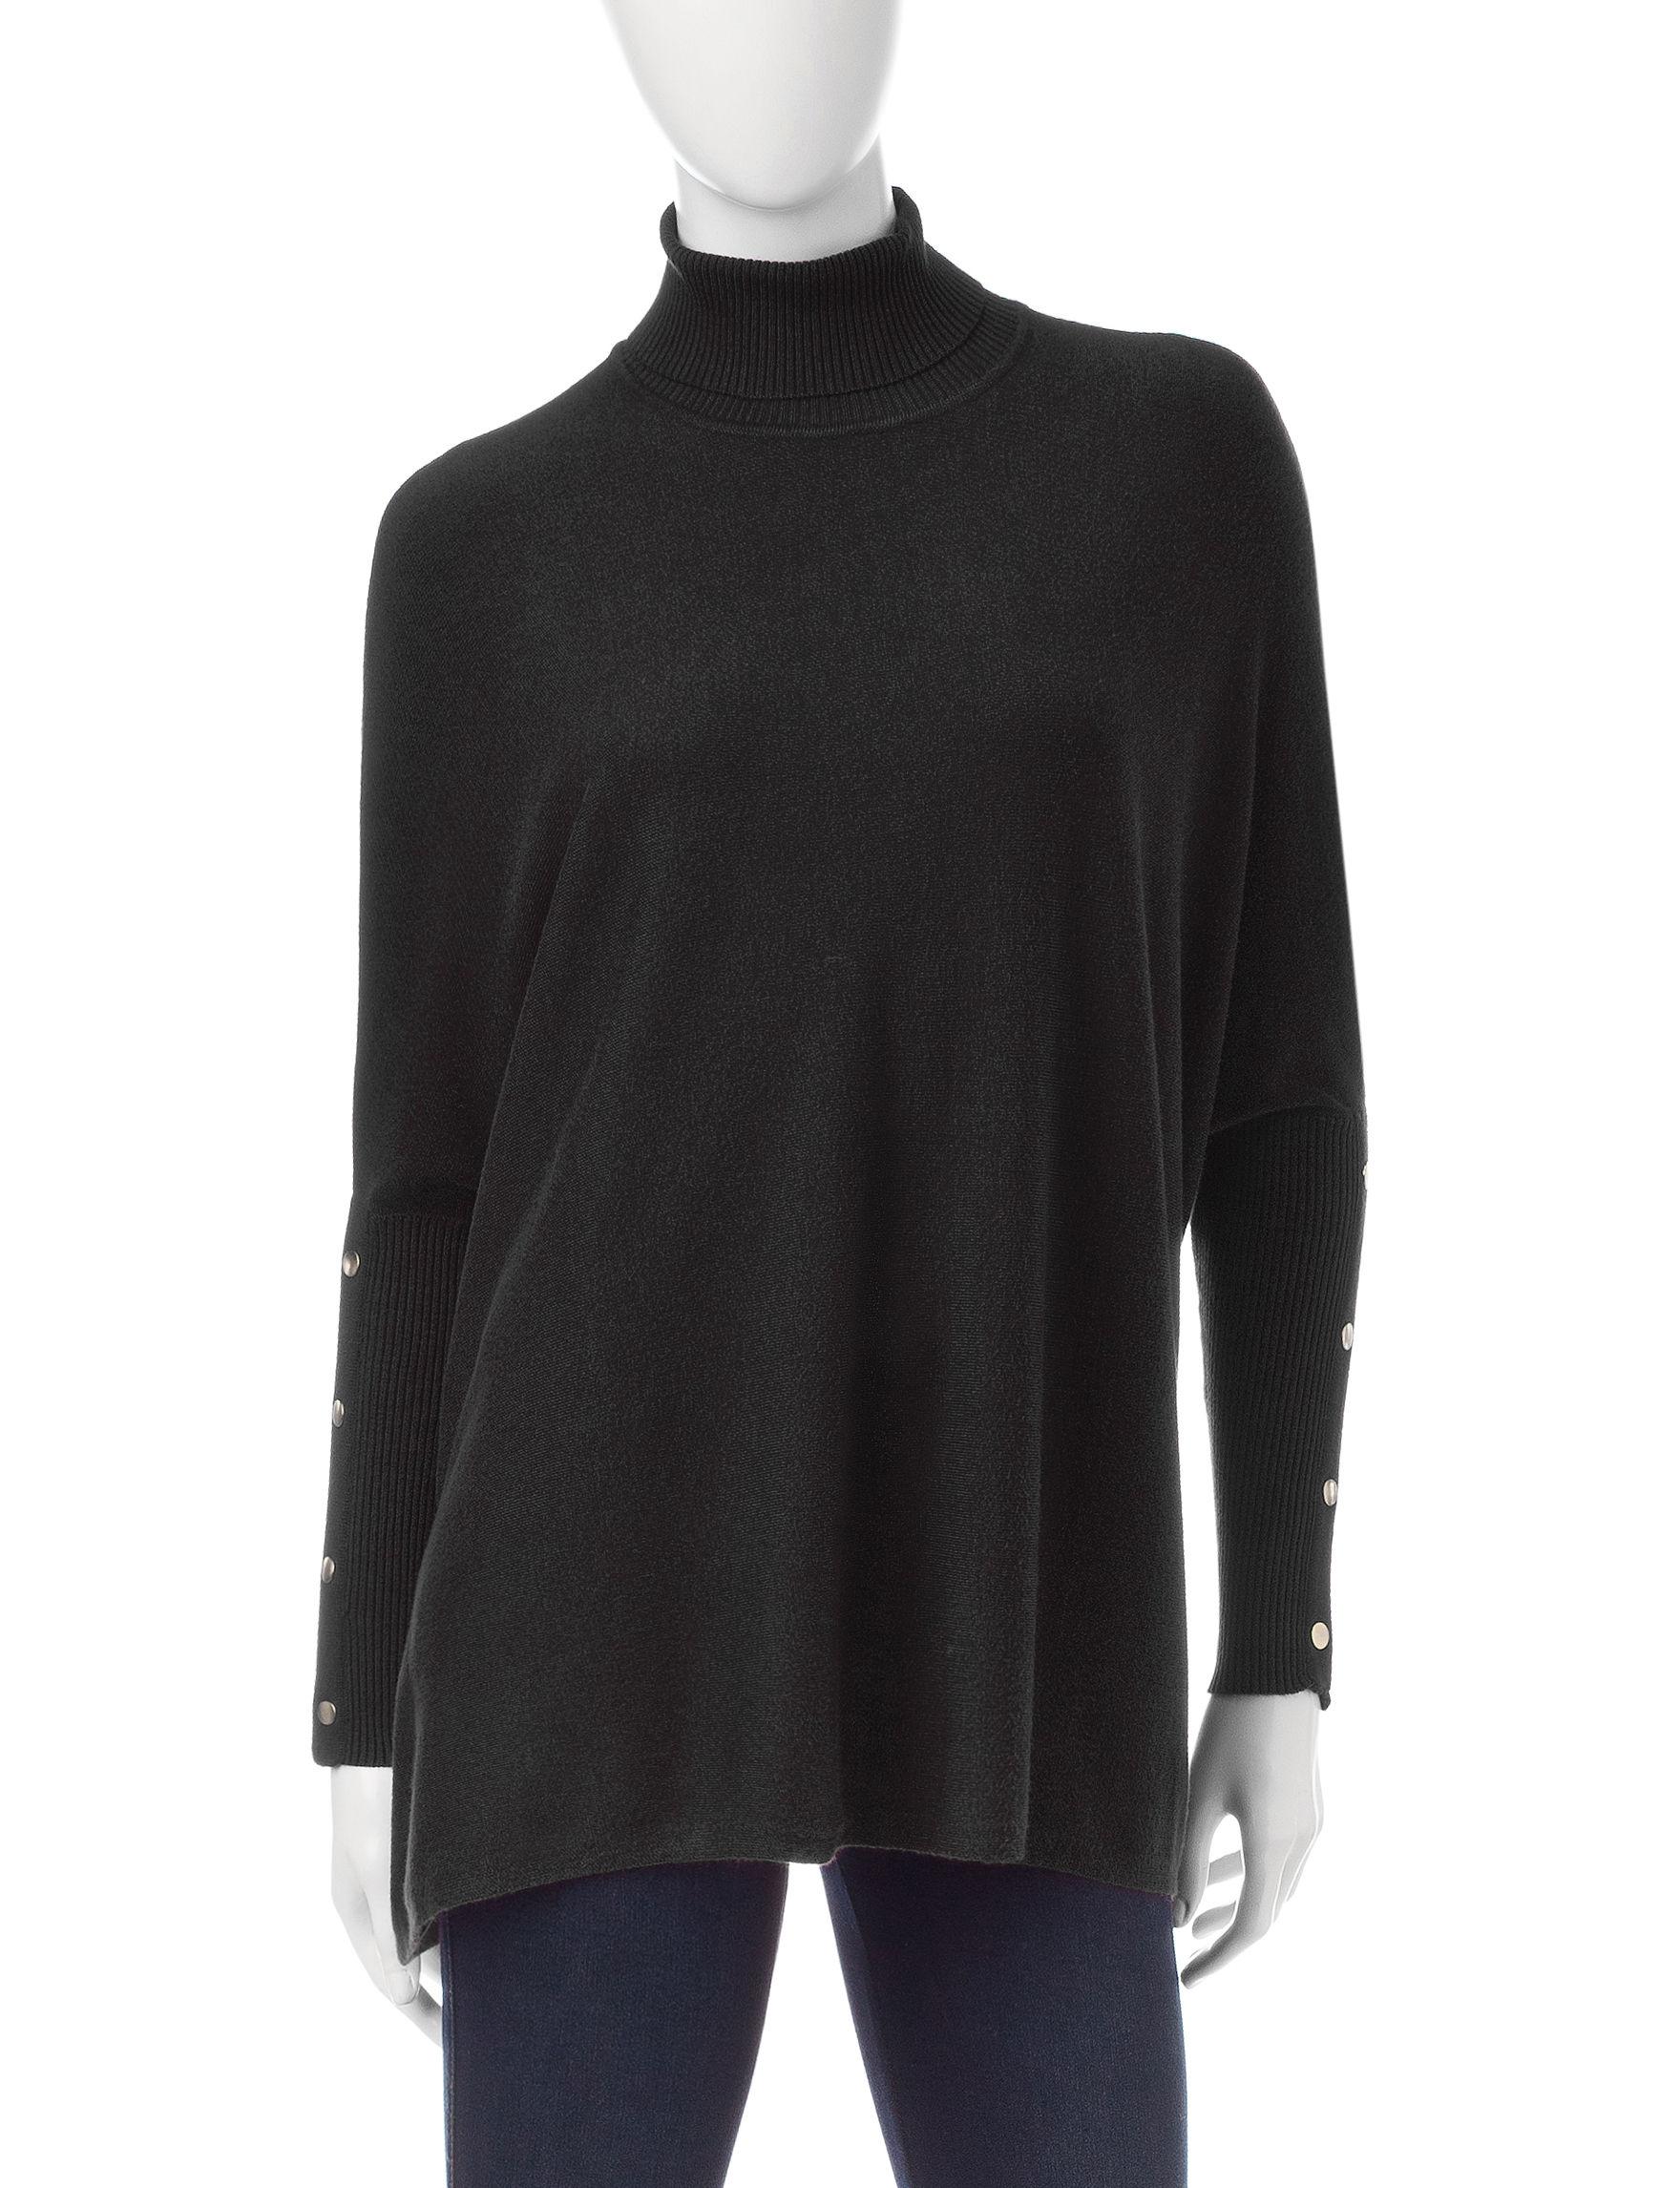 Hannah Black Sweaters